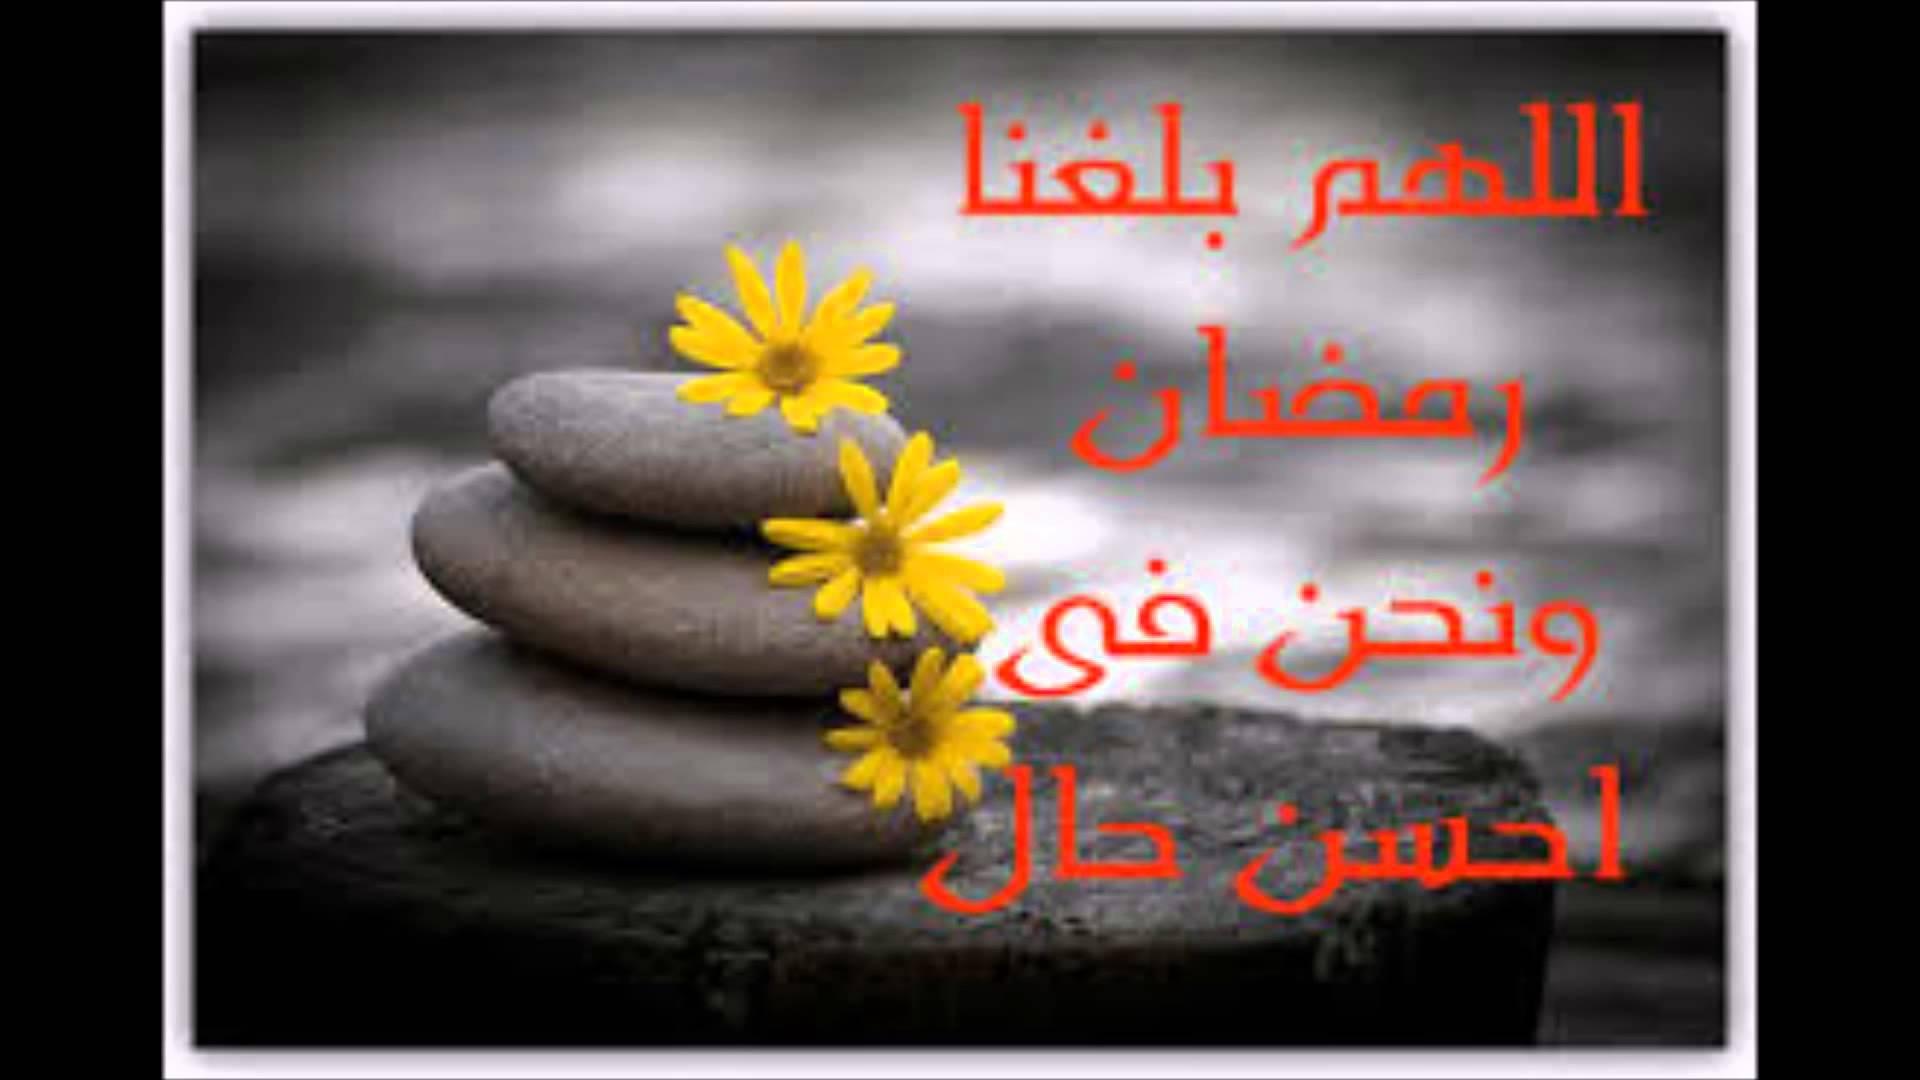 بالصور ادعية رمضان قصيرة , اقصر الادعيه الرمضانيه 3306